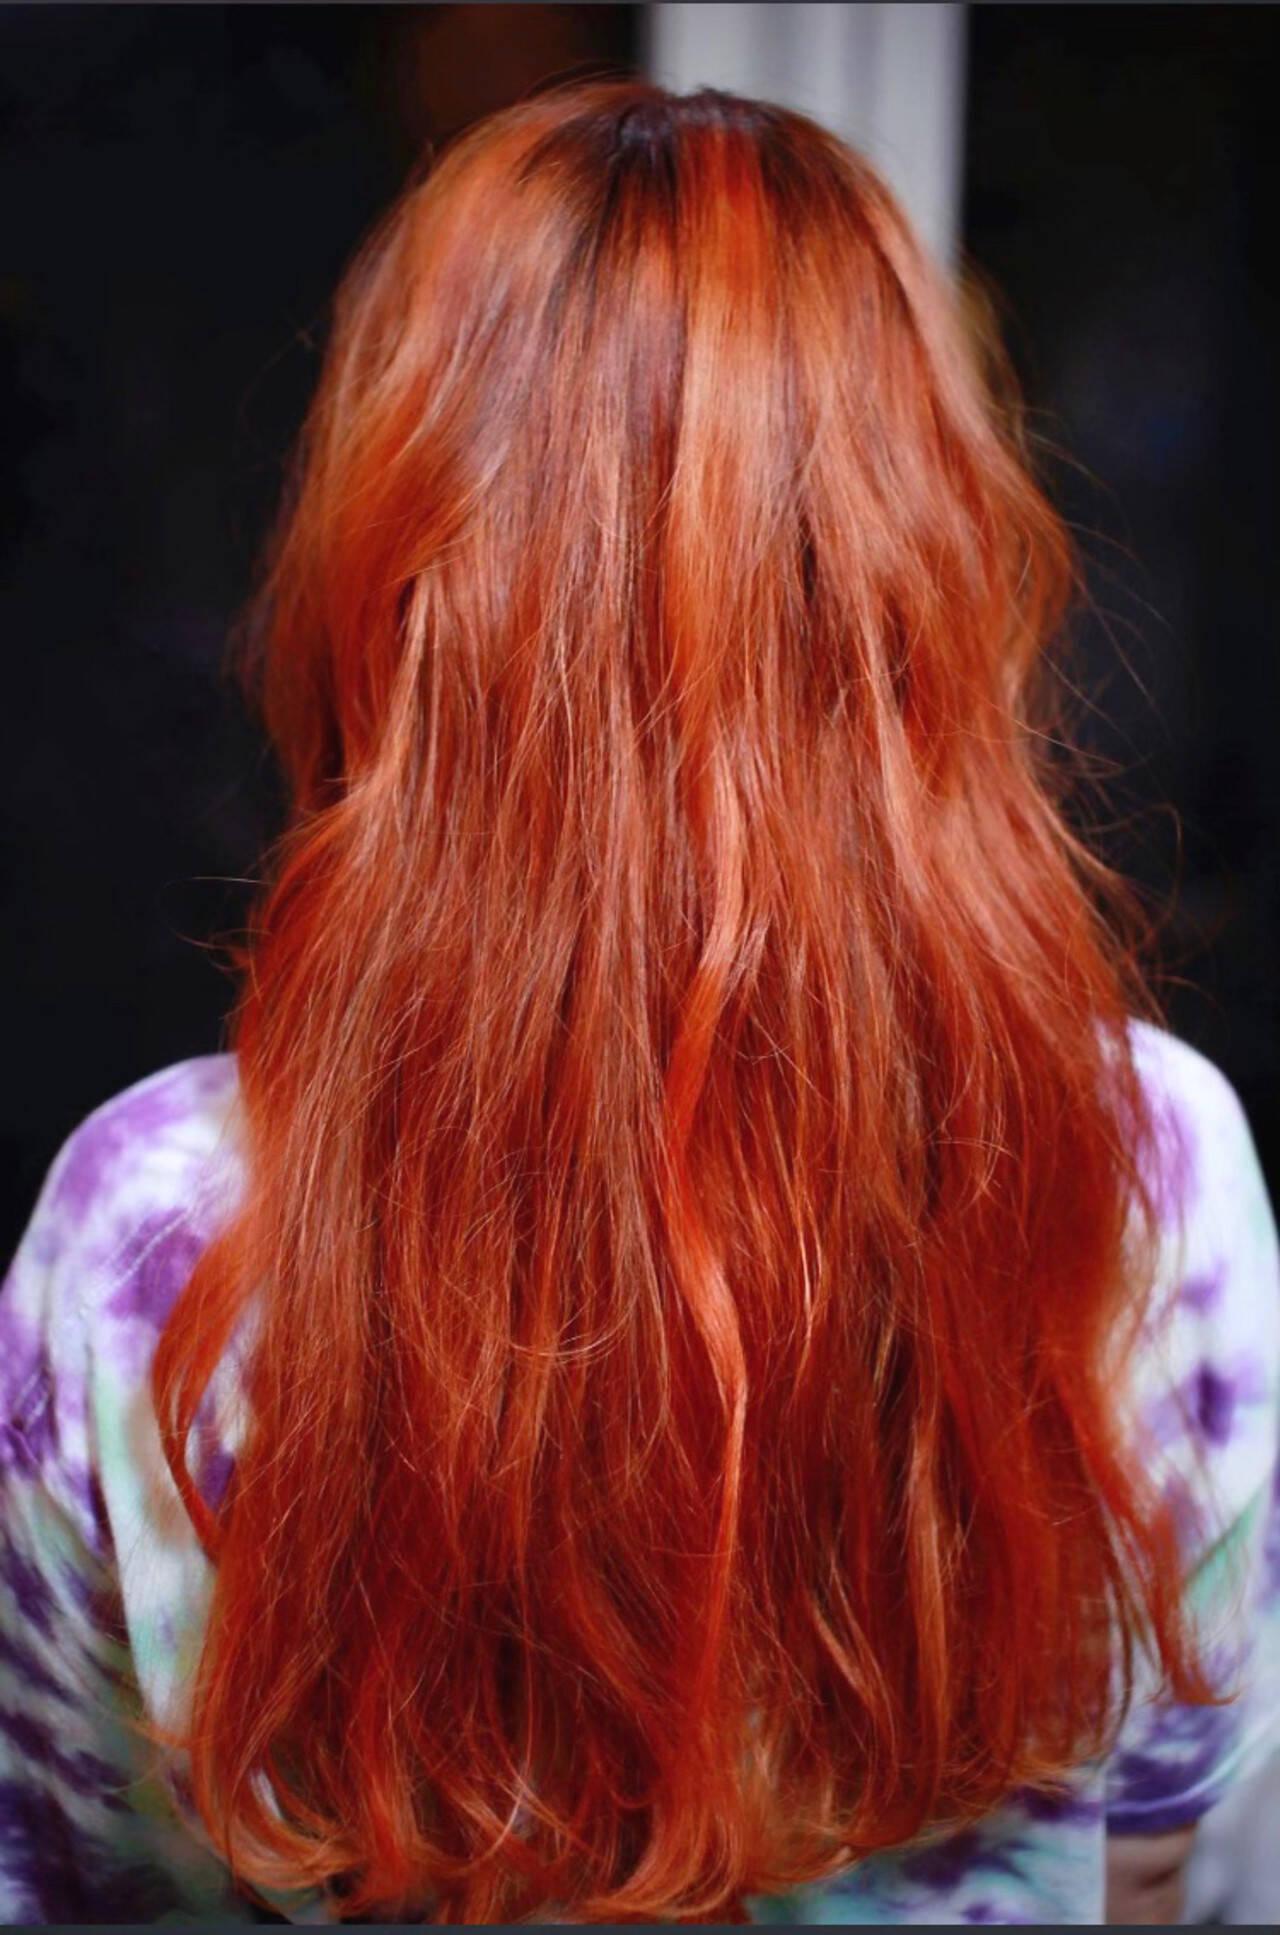 モード ロング ハイライトヘアスタイルや髪型の写真・画像